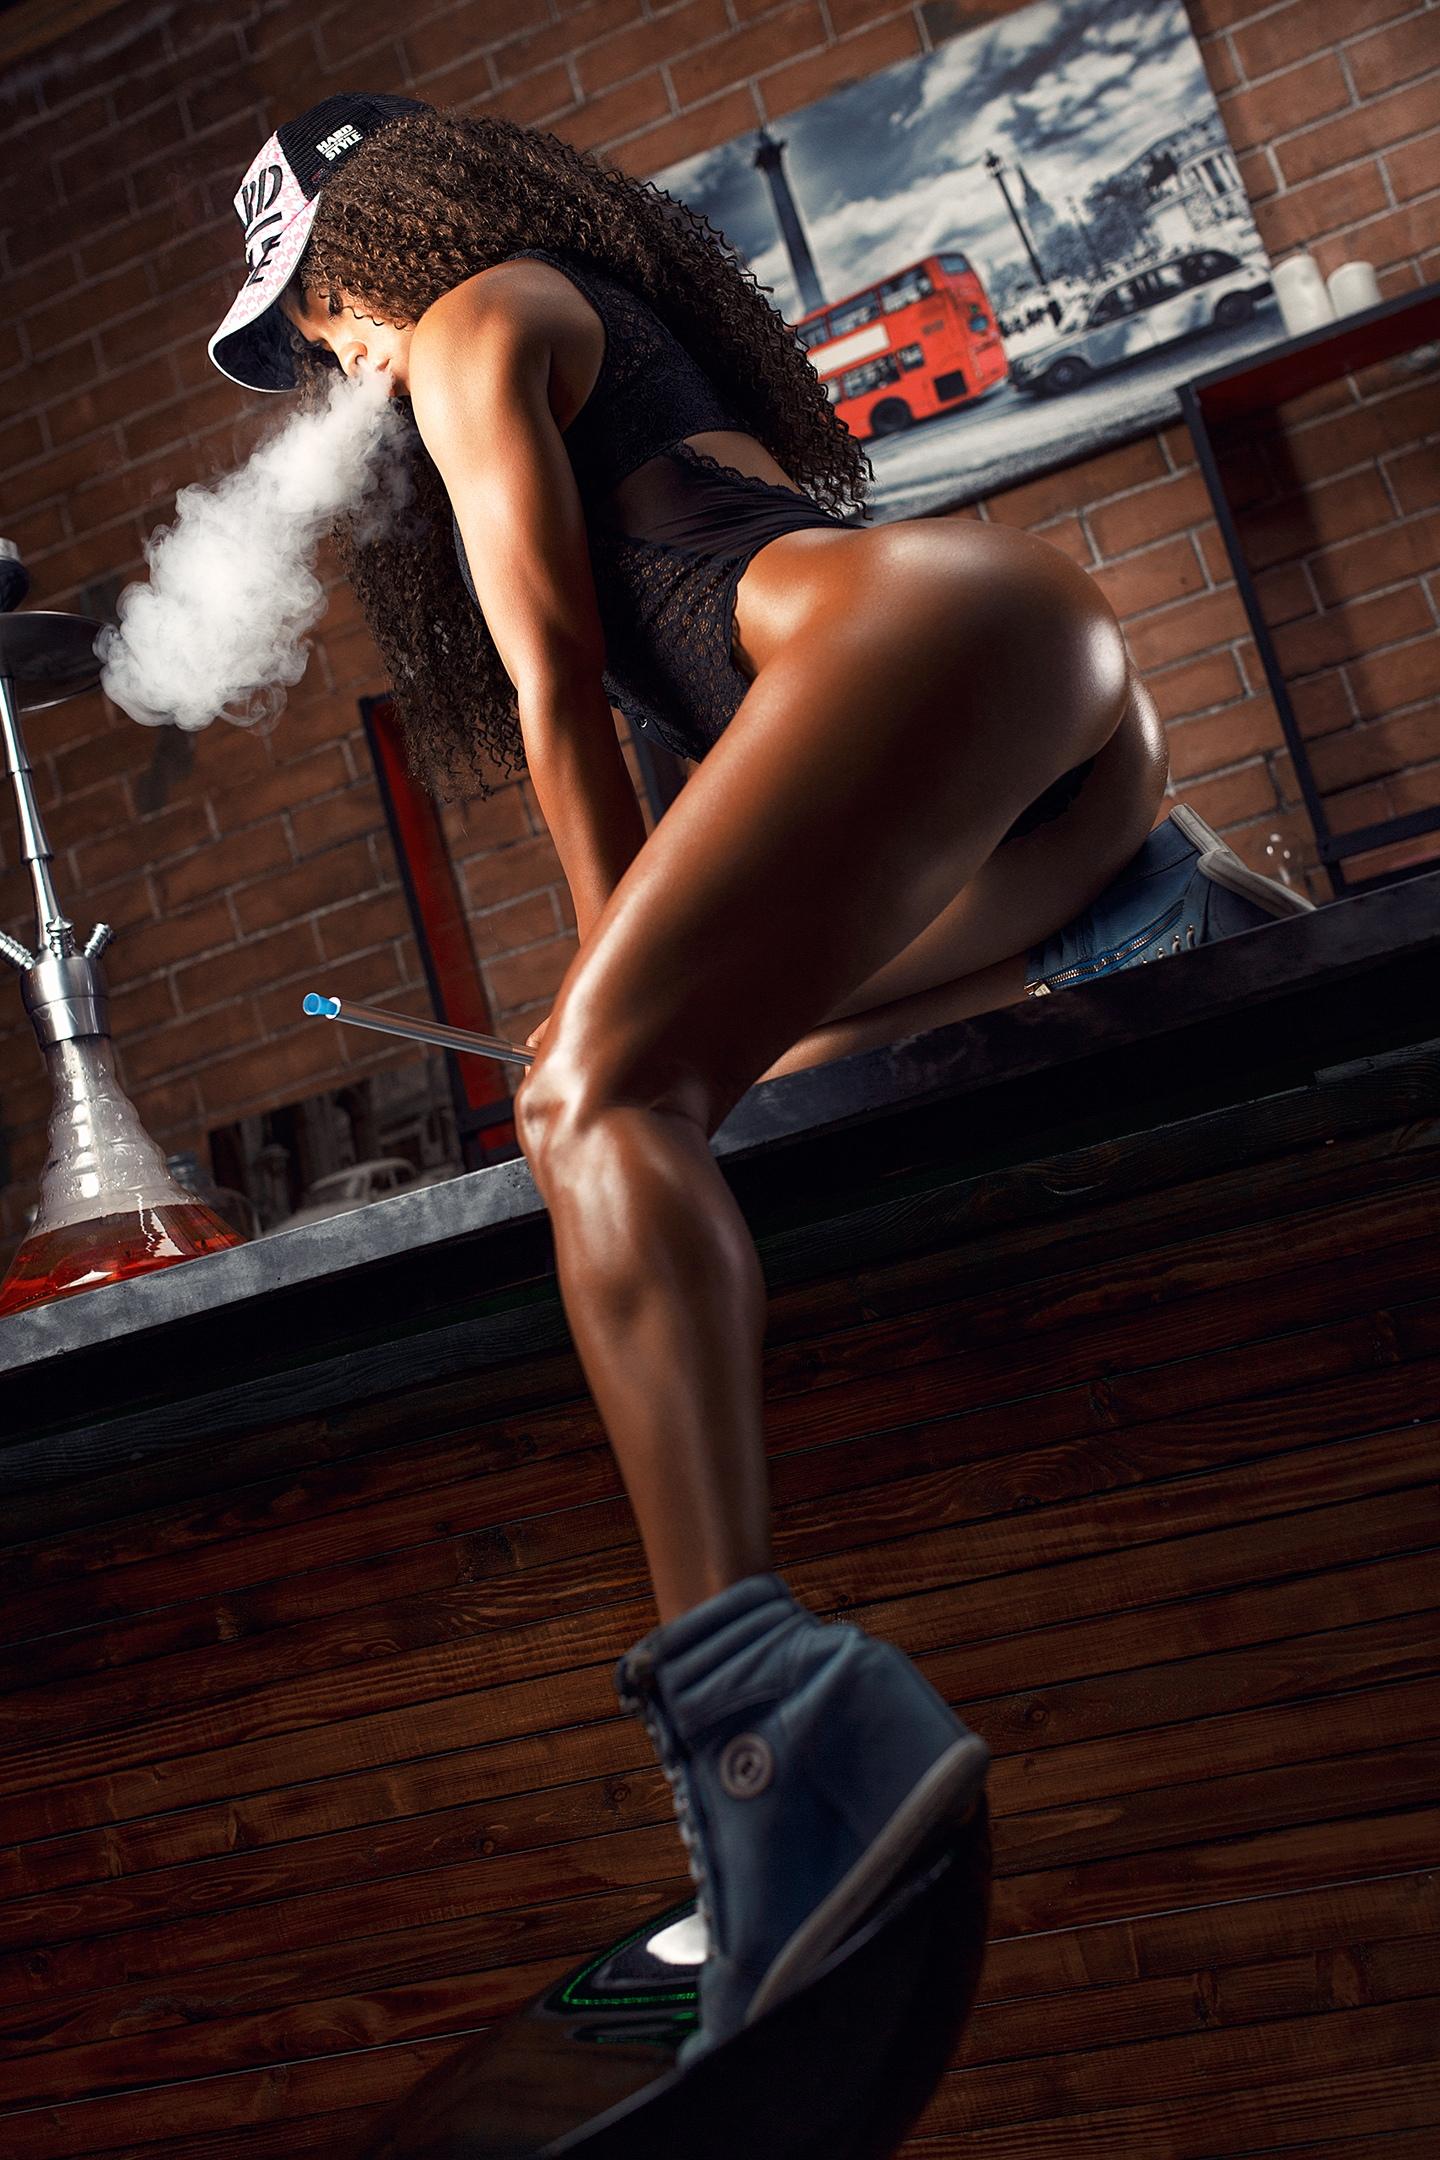 Wallpaper : ass, women, Ura Pechen, legs, smoking, long